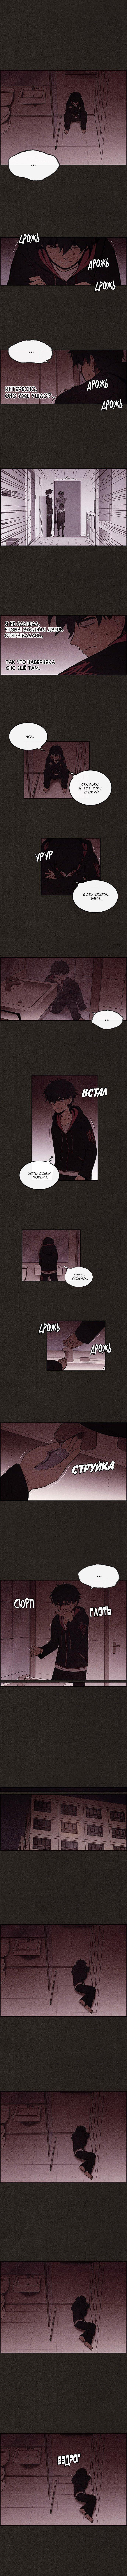 Манга Милый дом / Sweet Home (HWANG Youngchan) - Том 1 Глава 10 Страница 6